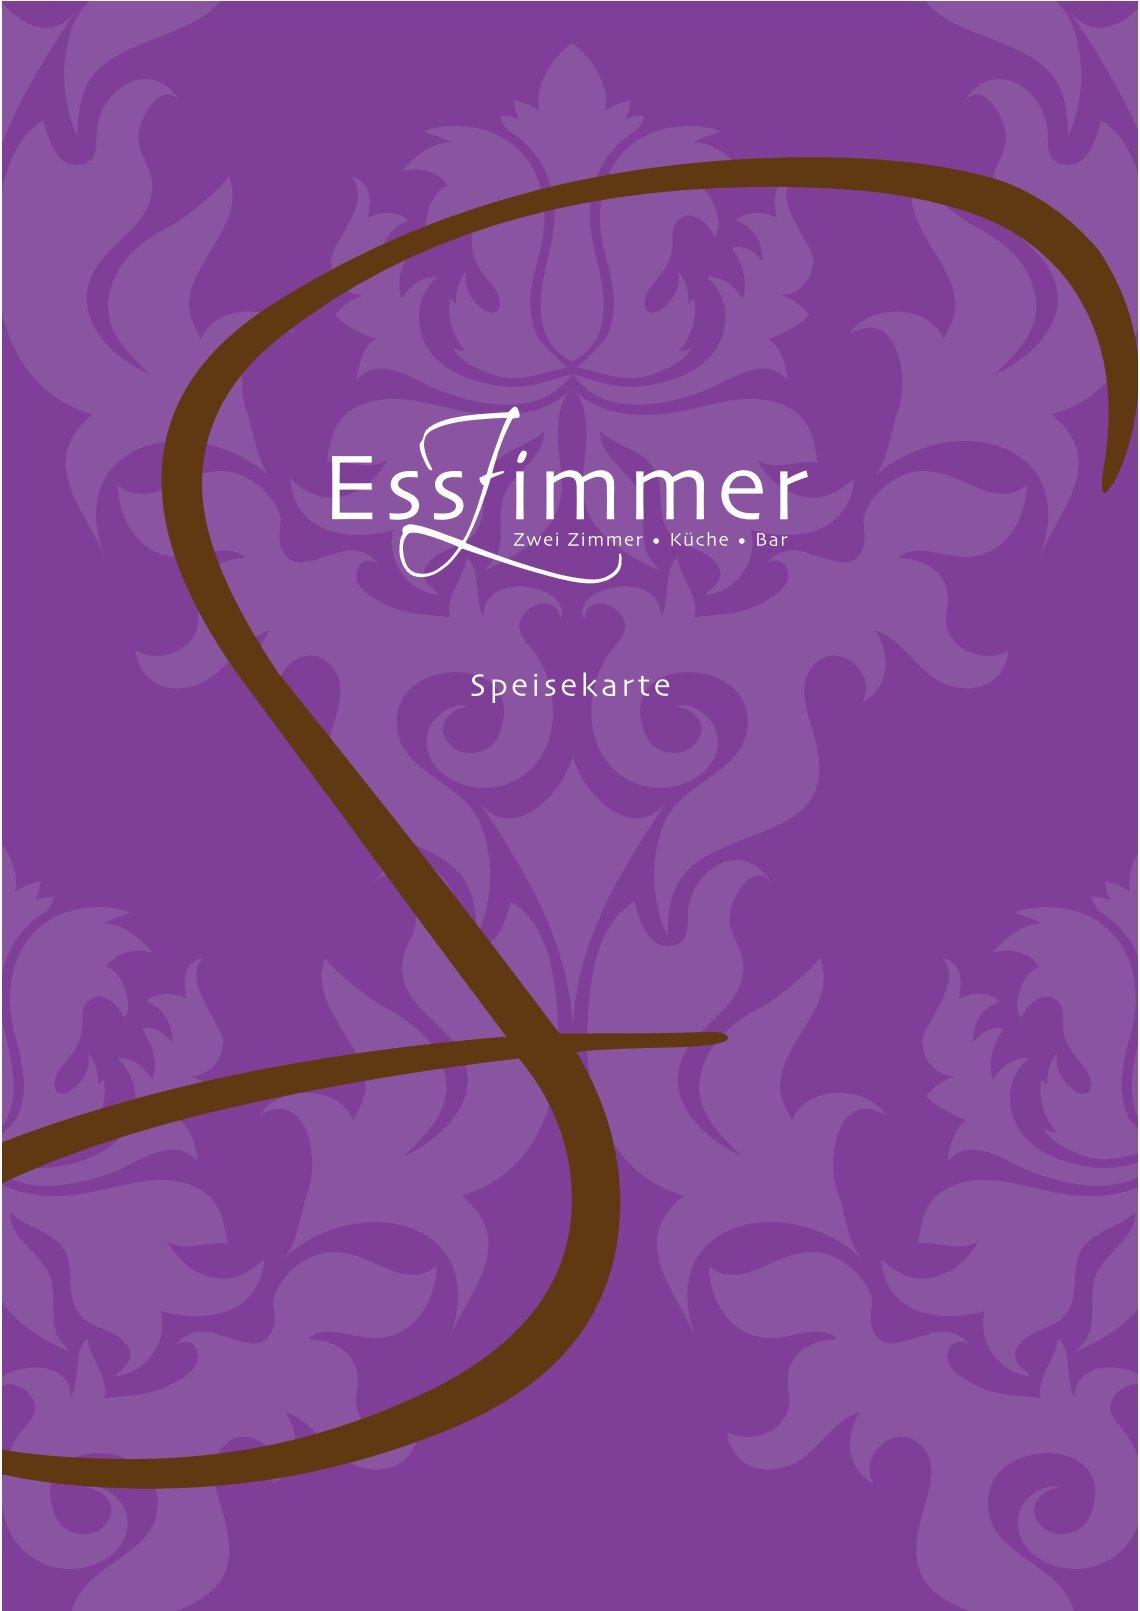 1 Free Magazines From Esszimmer.weinheim.de